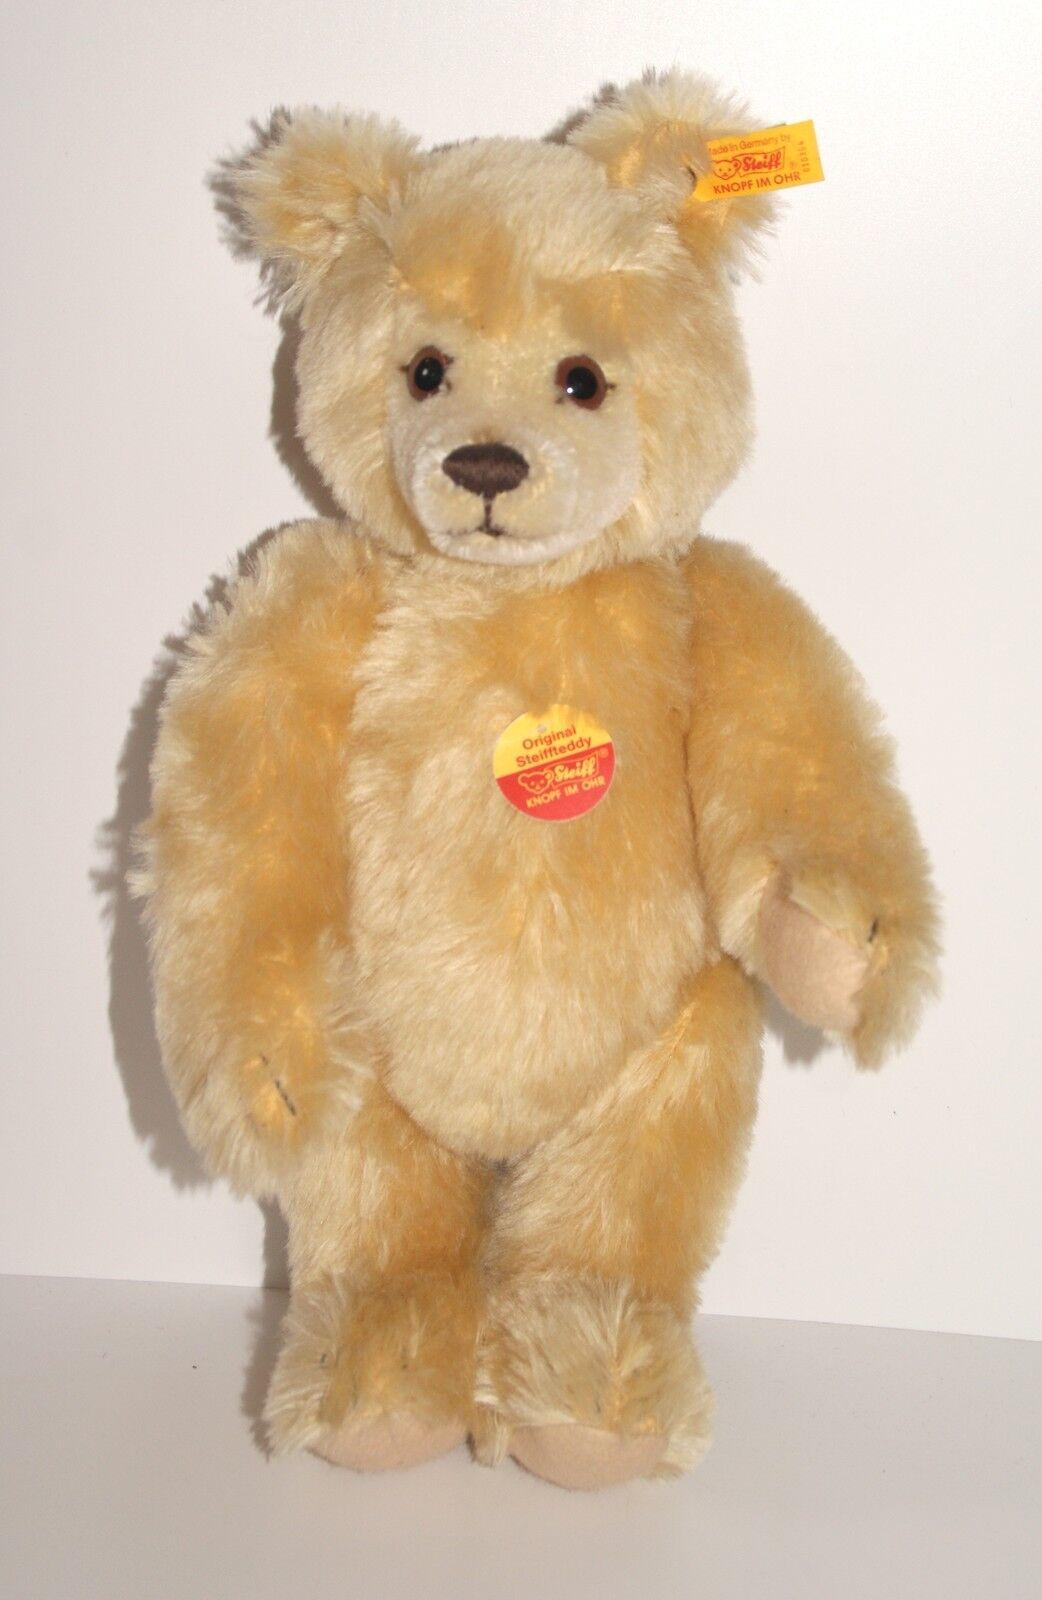 35 cm großer Mohair Steiff Teddy Bär unbespielt Teddy Bär KFS hart gestopft